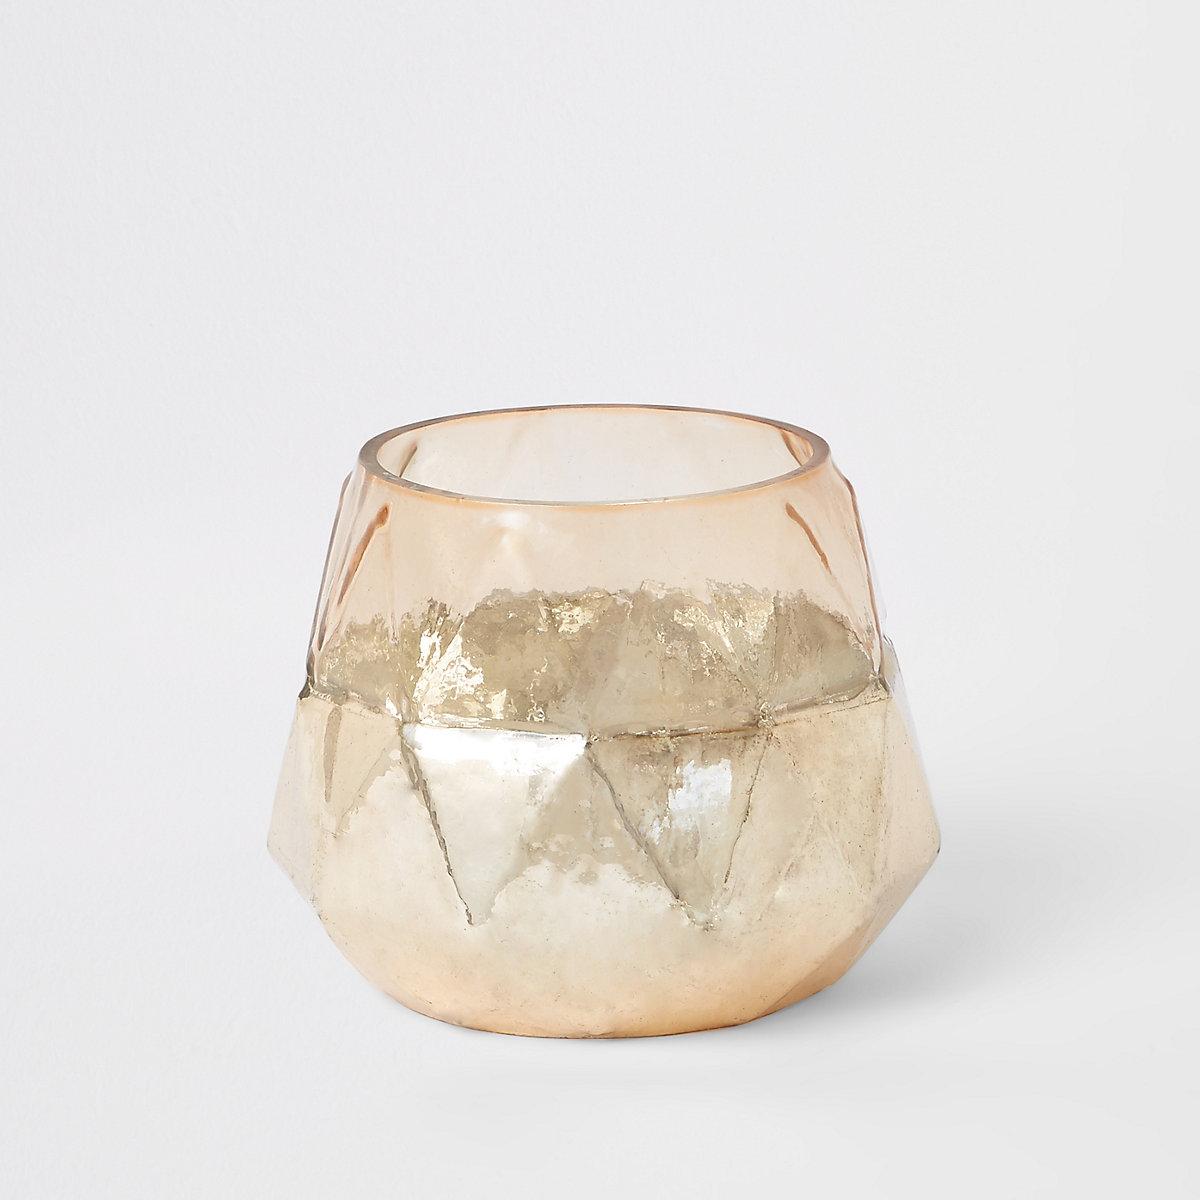 Bougeoir chauffe-plat or rose géométrique